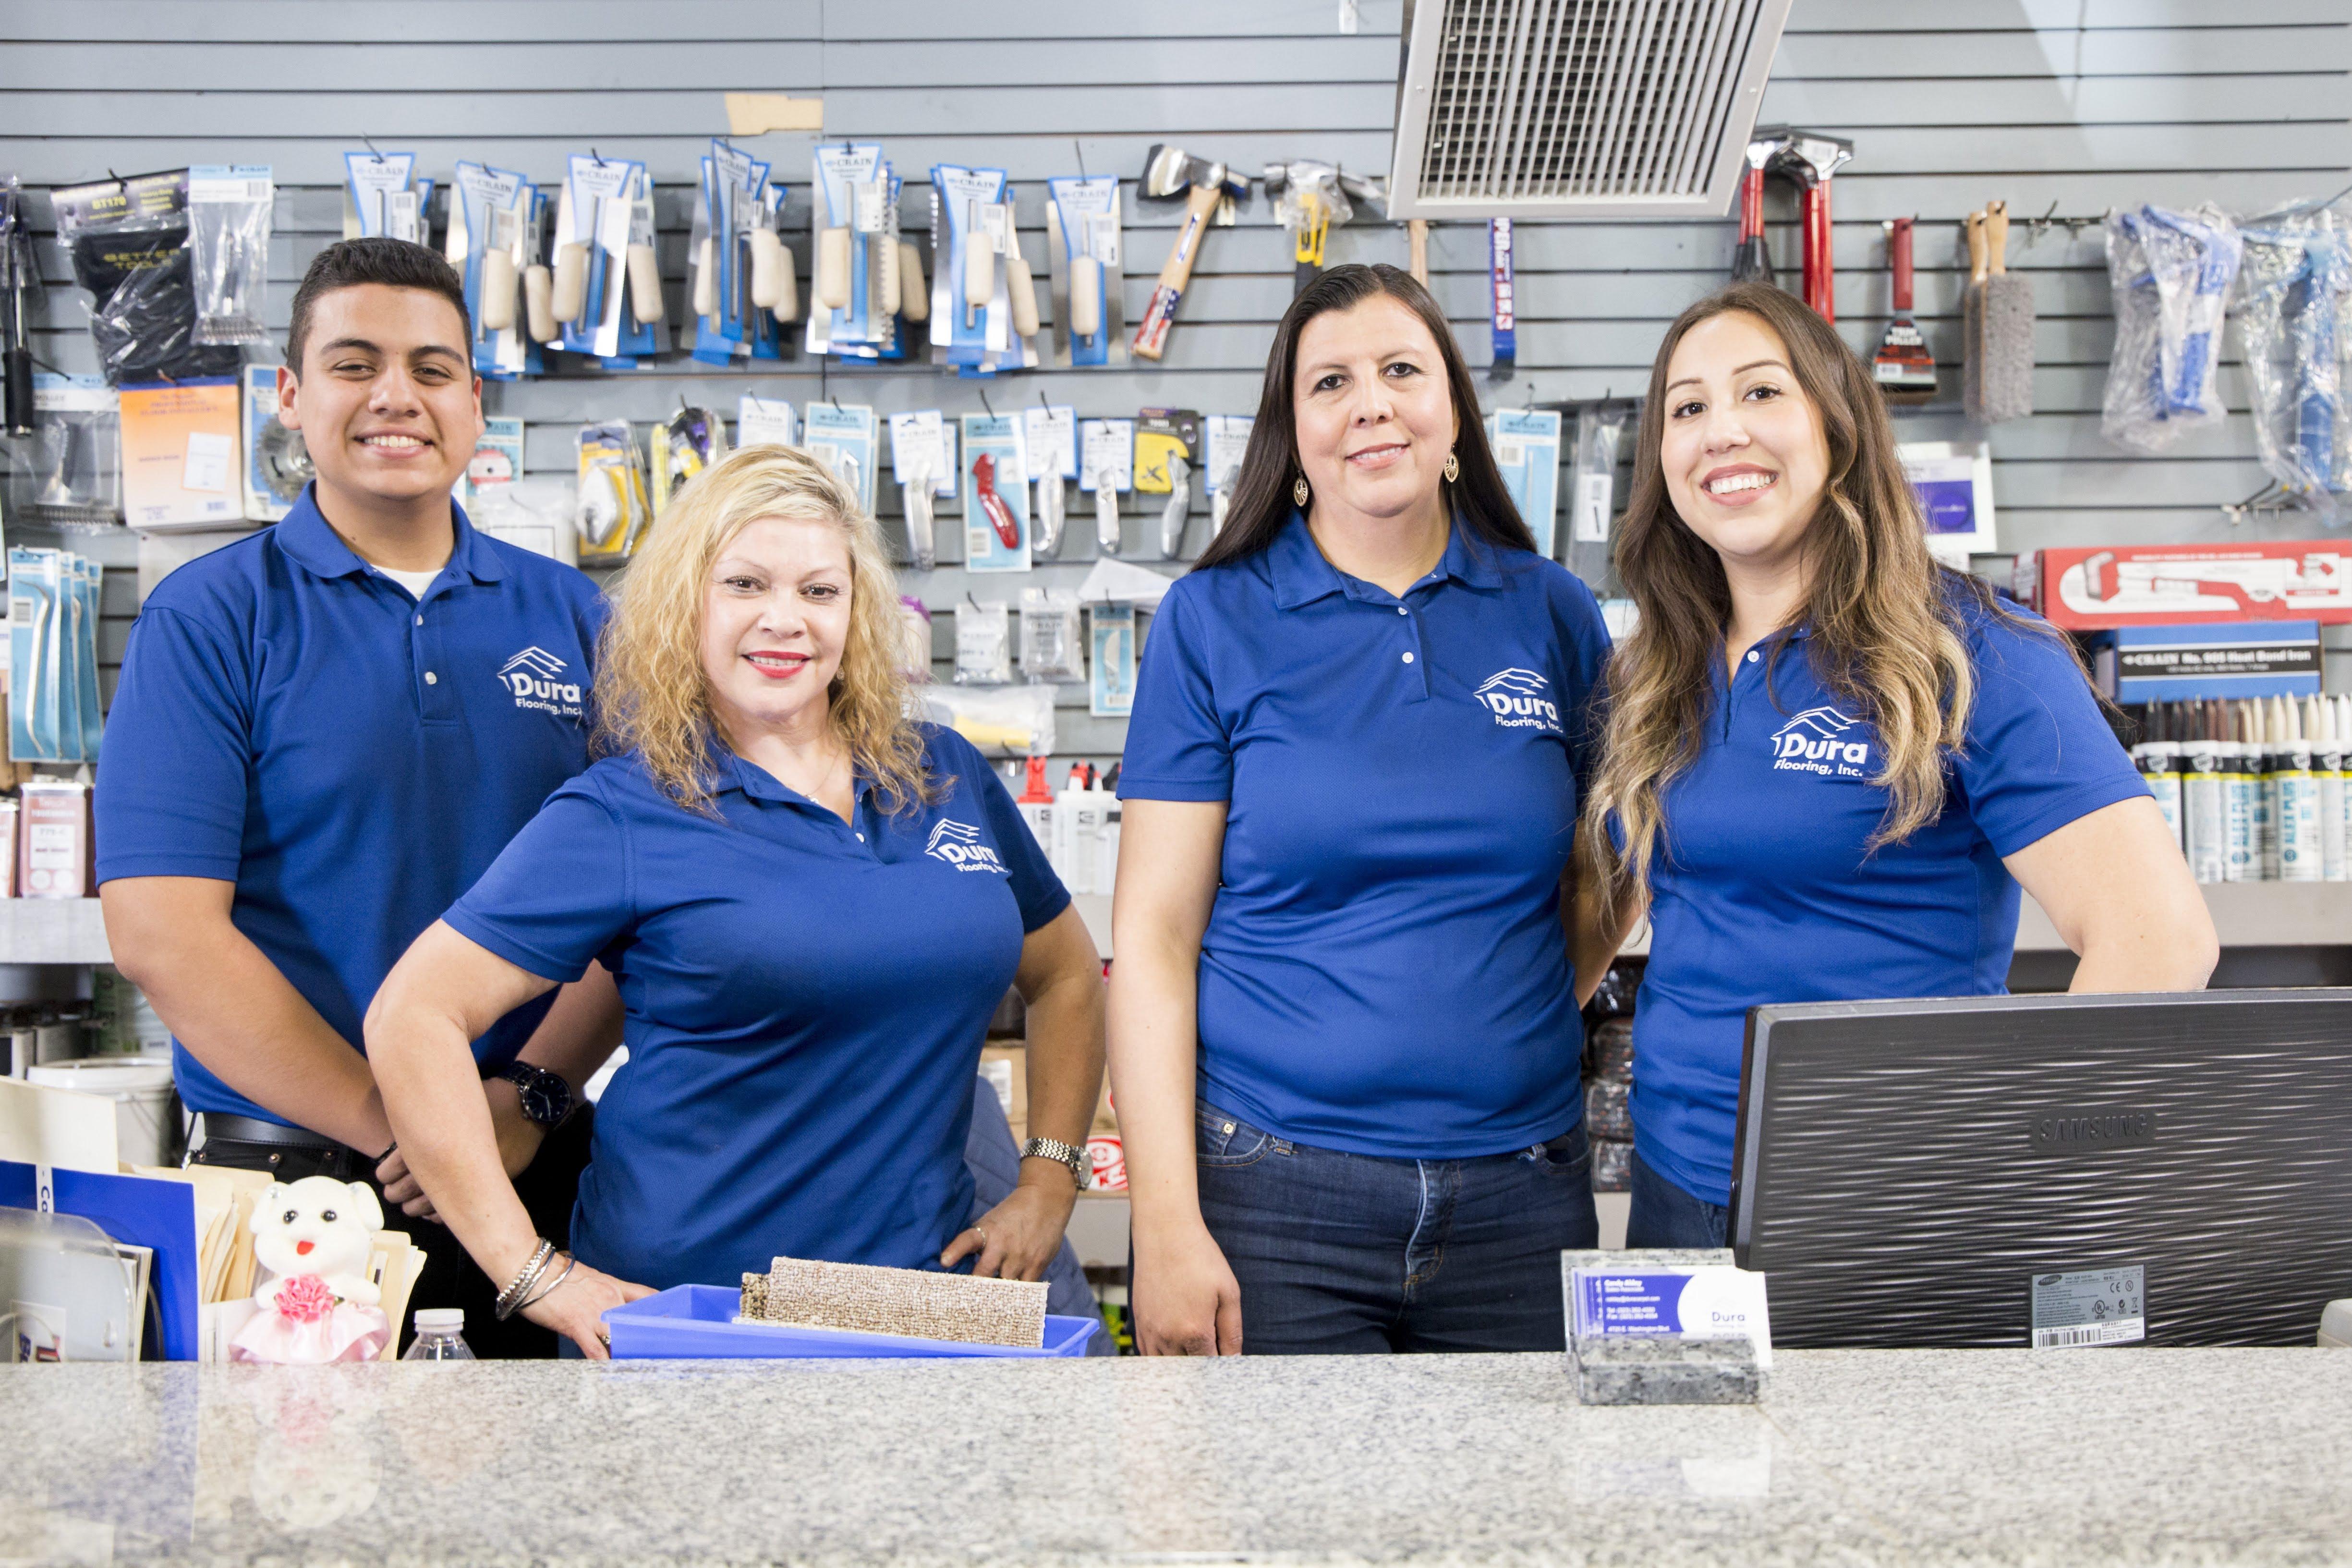 The Dura Flooring, Inc. wholesale team in Commerce, CA